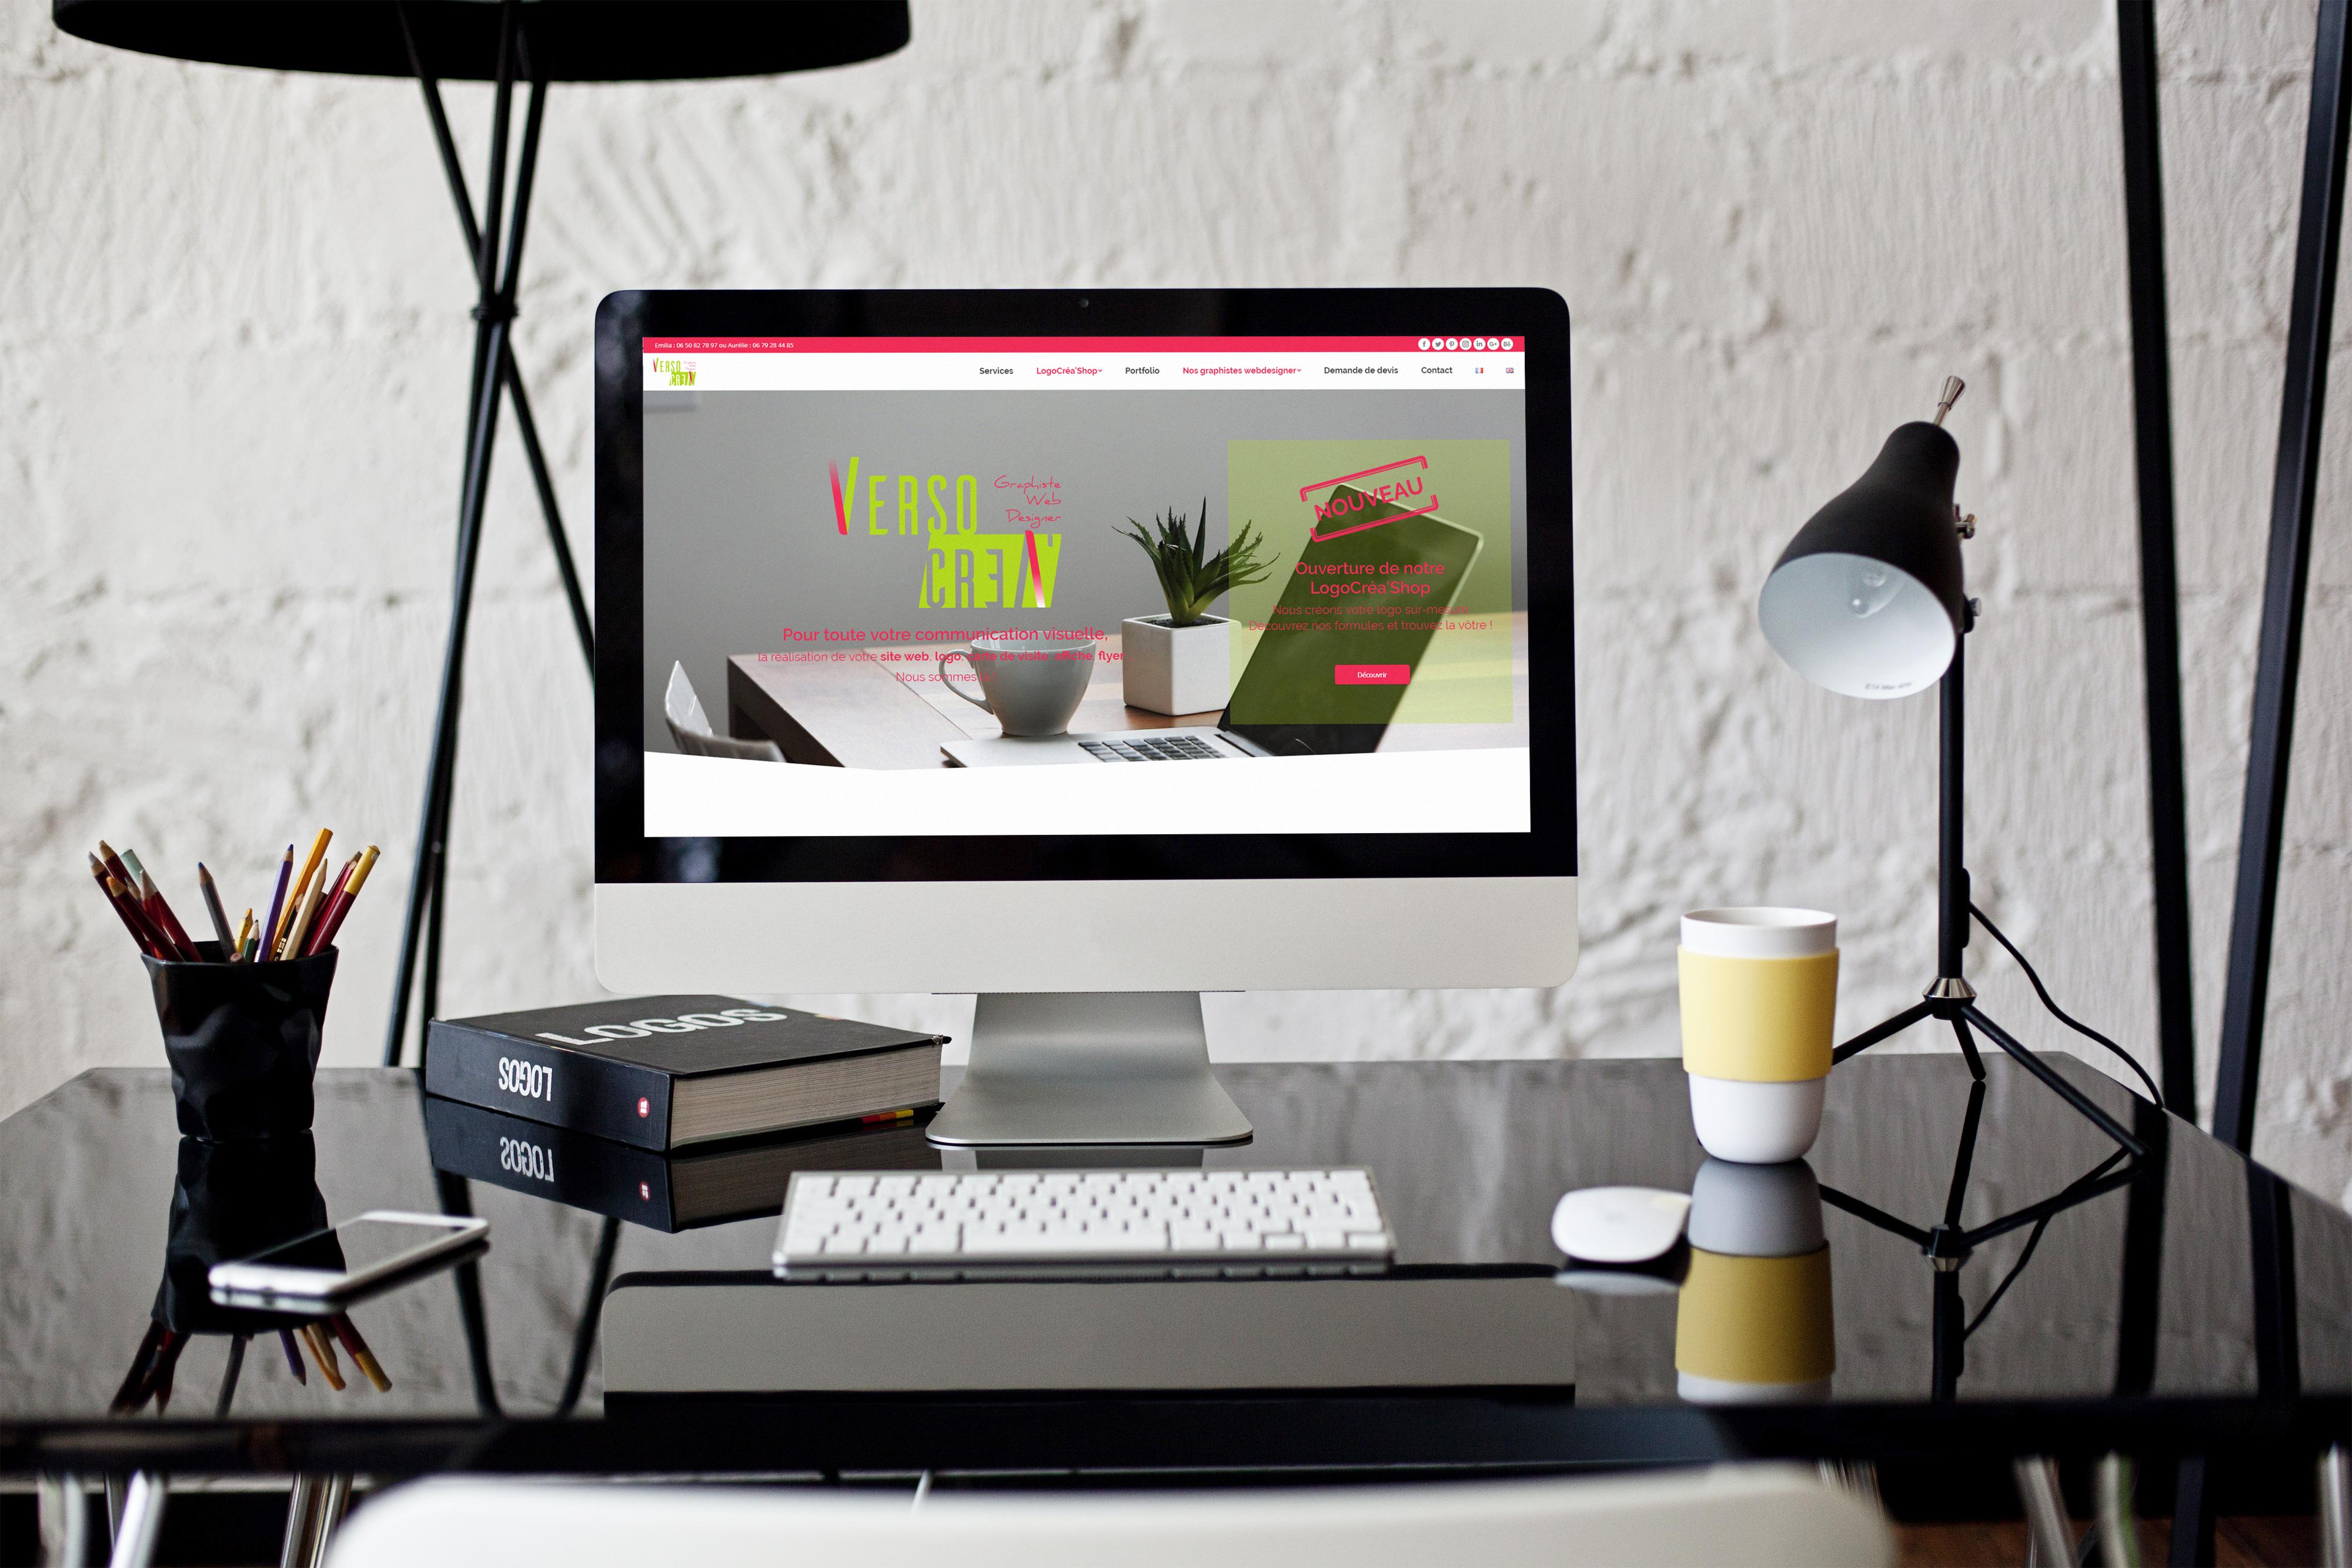 Création du site de VersoCréa'